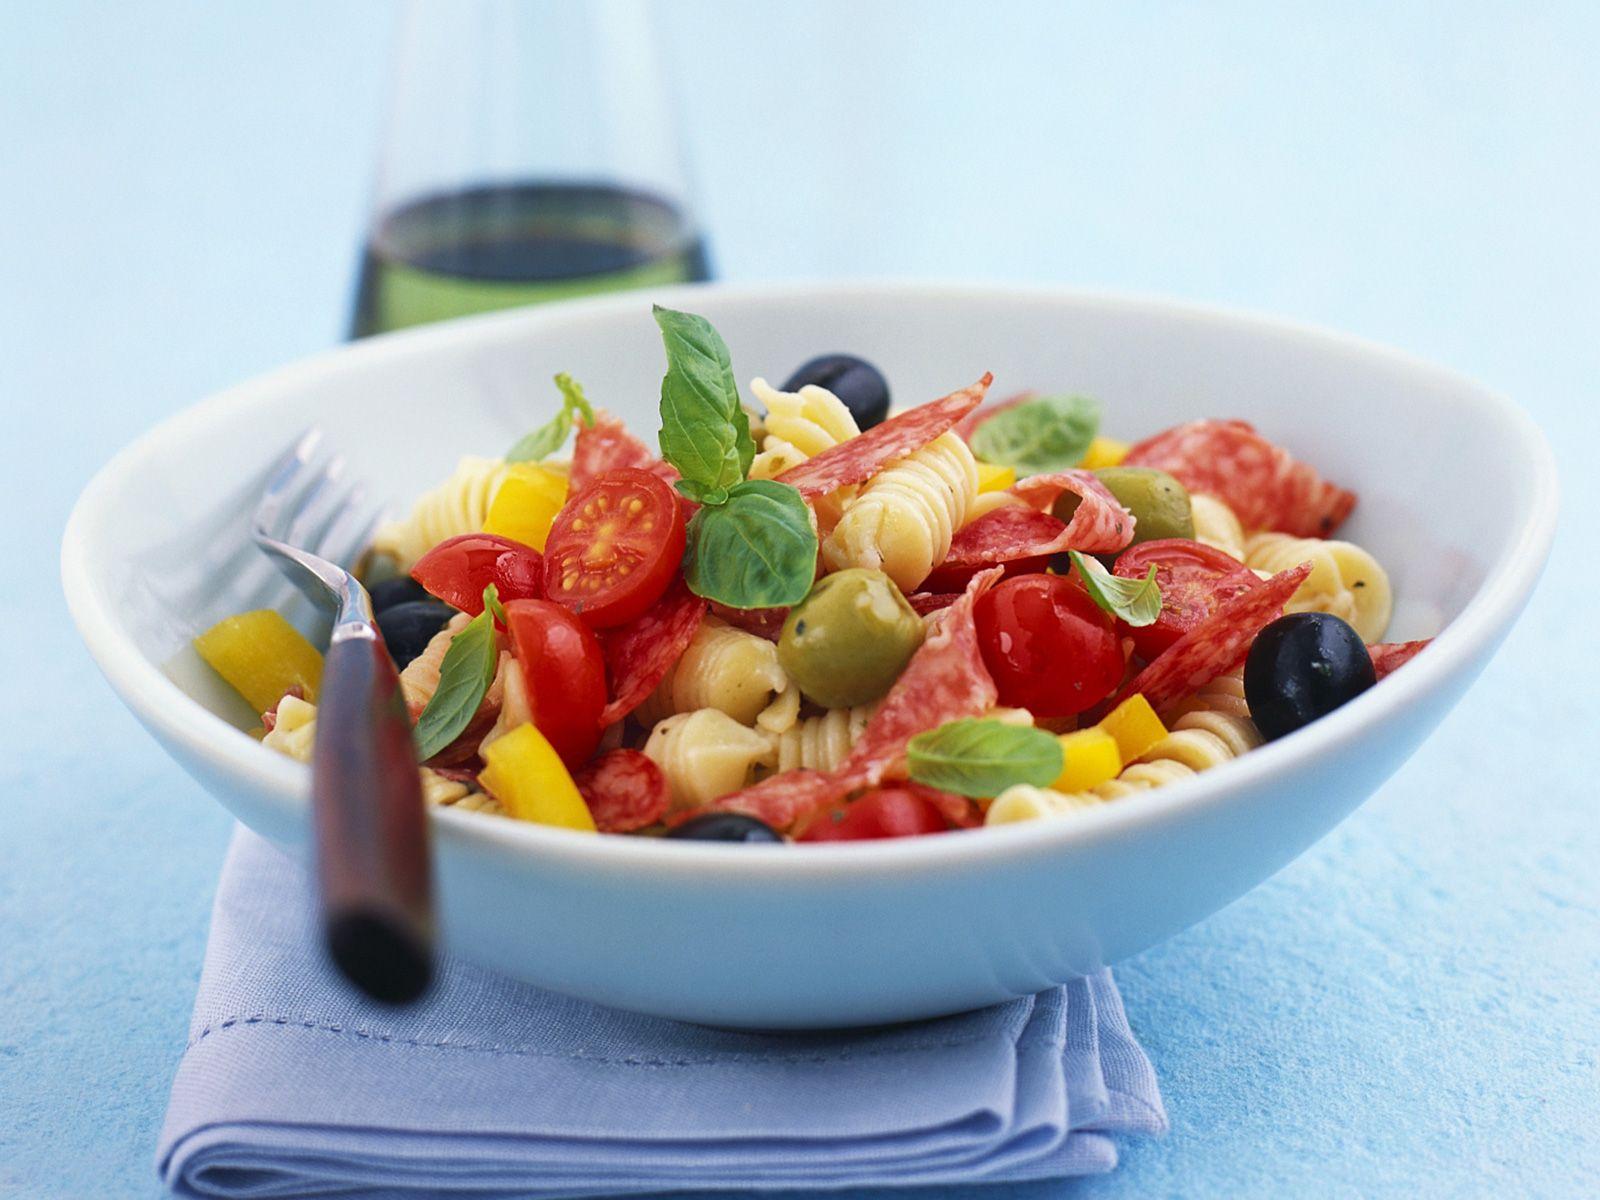 La ensalada, el plato más consumido por los españoles